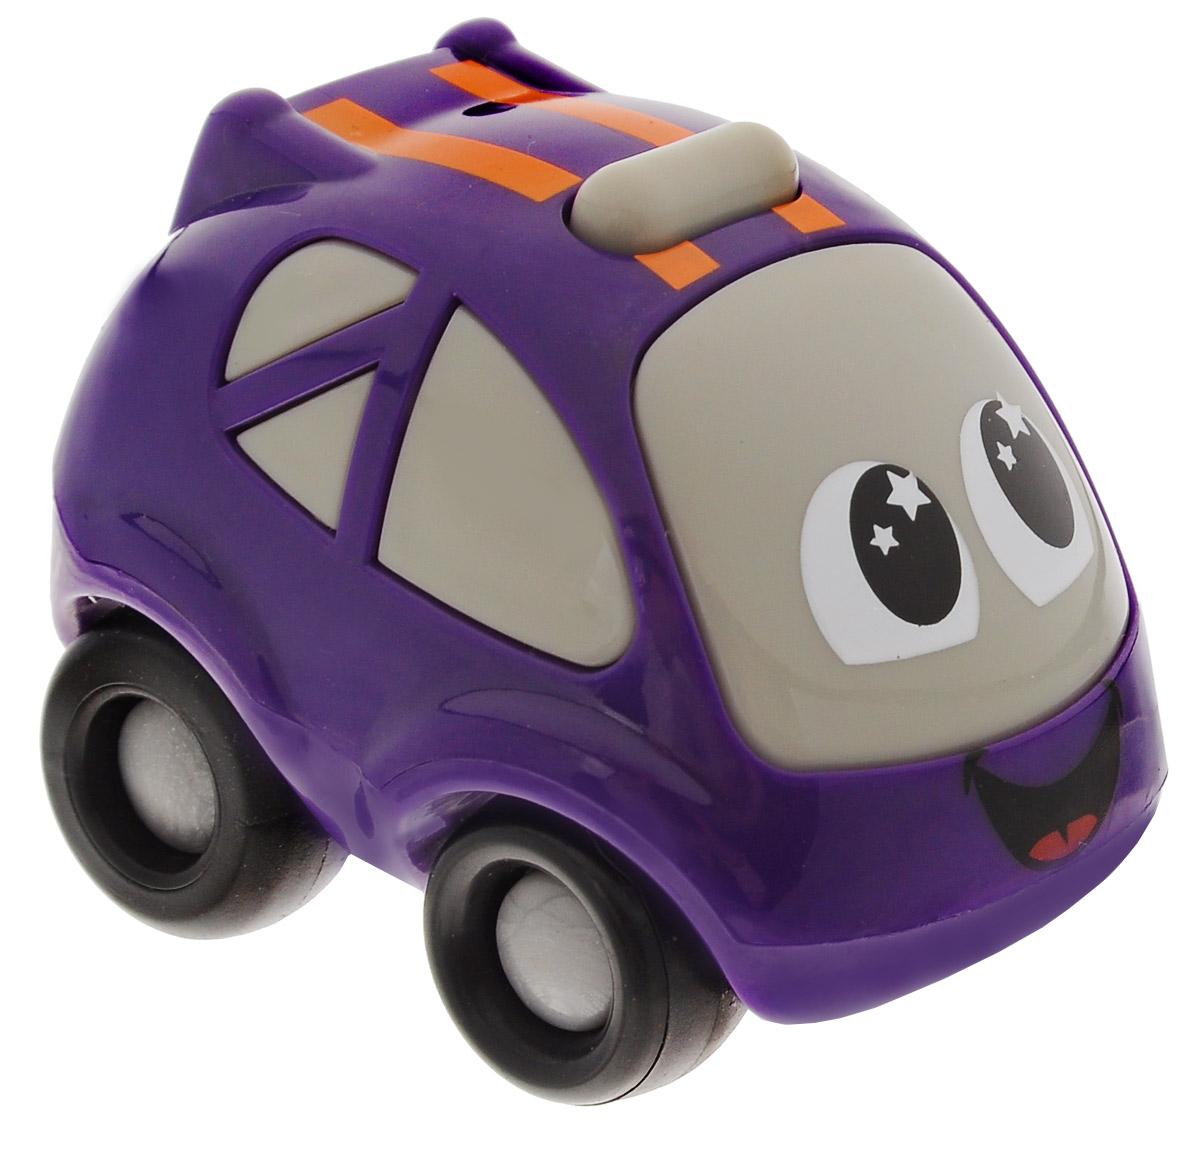 Smoby Машинка Vroom Planet цвет фиолетовый211287_фиолетовыйМини-машинка из серии Vroom Planet непременно привлечет внимание малыша. Игрушка выполнена из абсолютно безопасного для малыша высококачественного пластика. Машинка снабжена особым двигателем, при помощи которого она может двигаться самостоятельно. Игра с машинкой помогает развивать мелкую моторику, цветовосприятие, координацию движений, а также являются хорошим средством для развлечения ребенка. Порадуйте своего малыша таким замечательным подарком. Питание: 1 батарейка напряжением 1,5V типа LR03/ААА (входит в комплект).